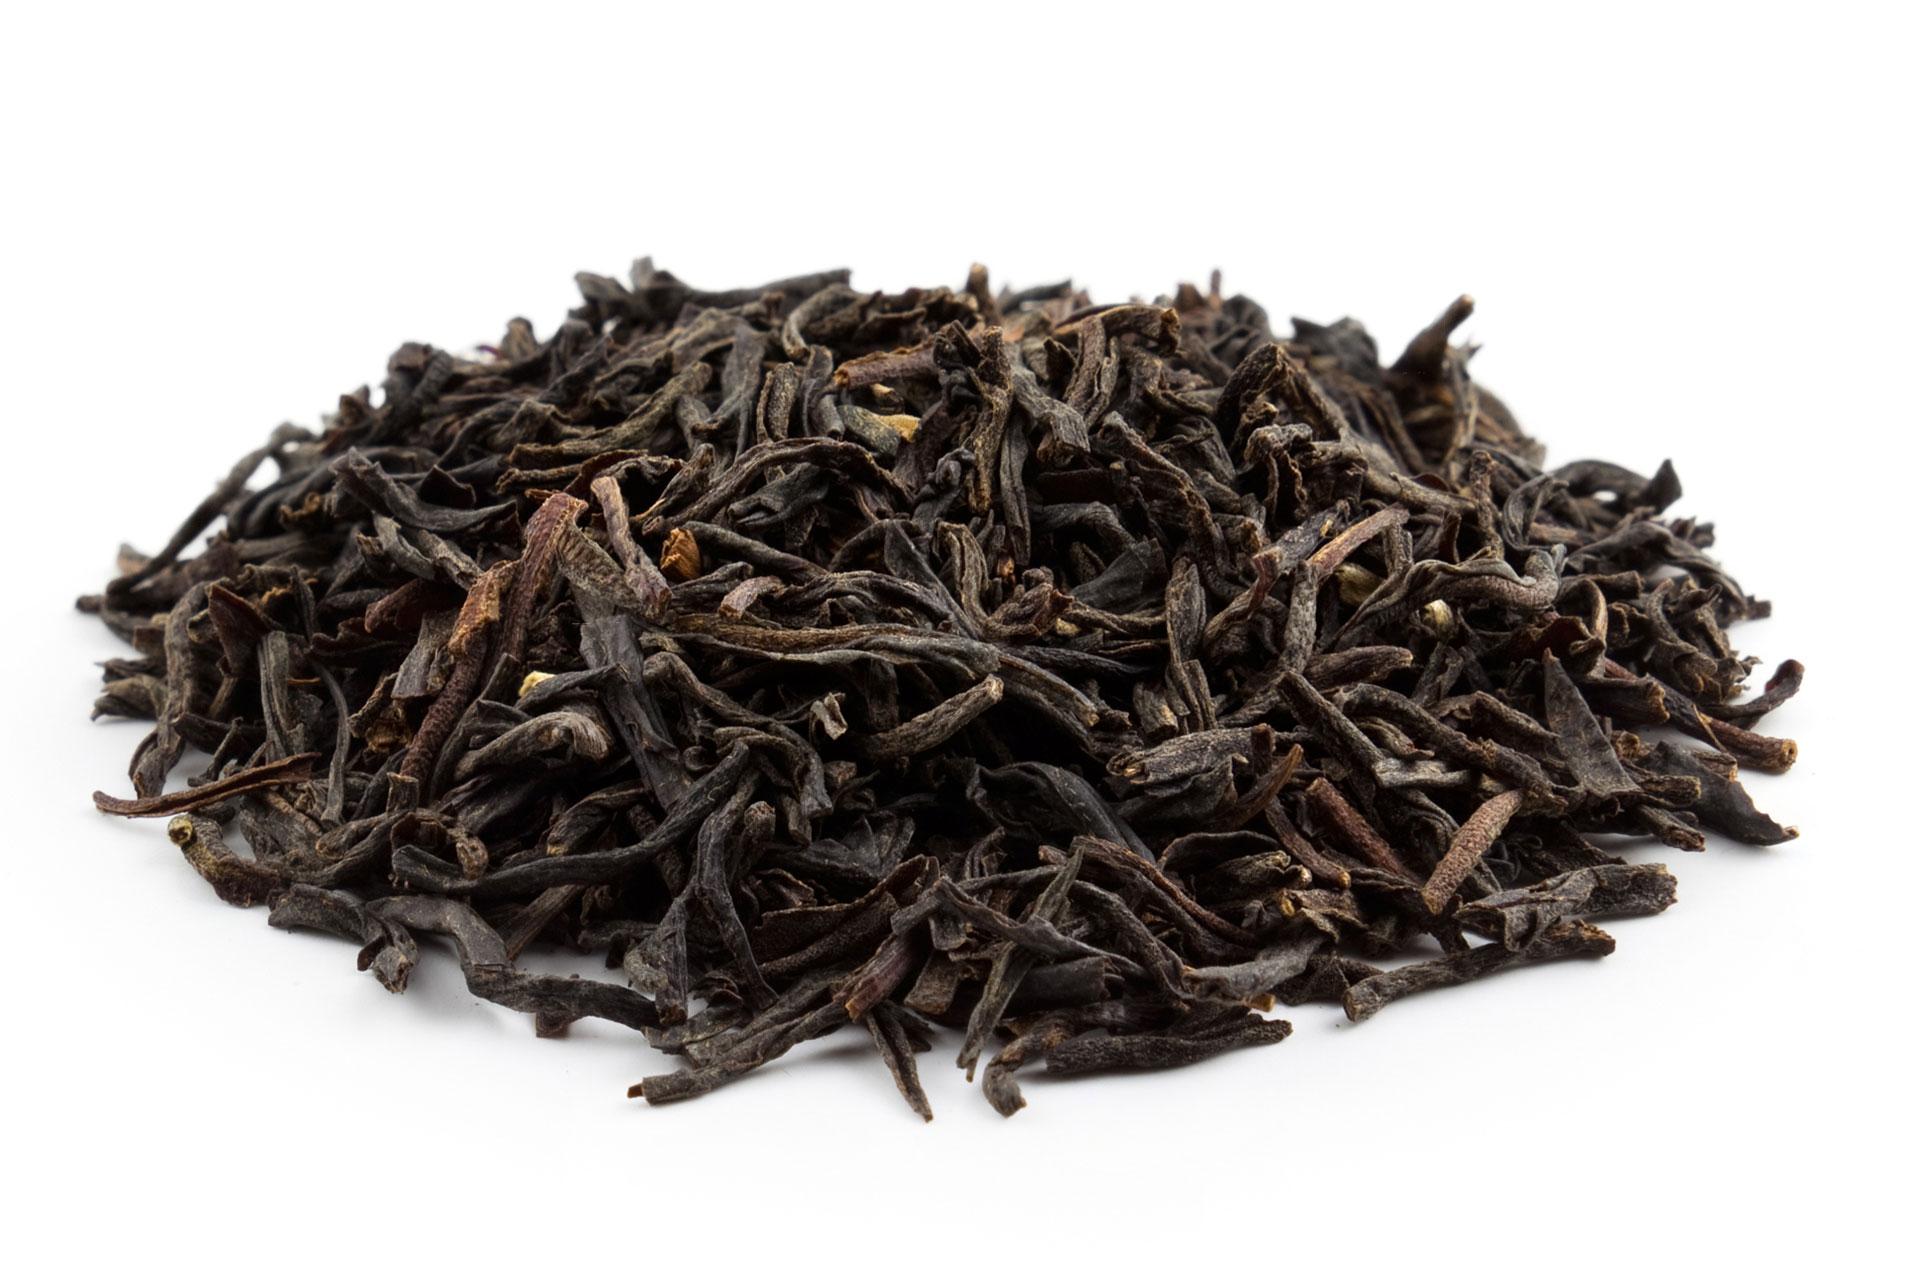 Assam tea #